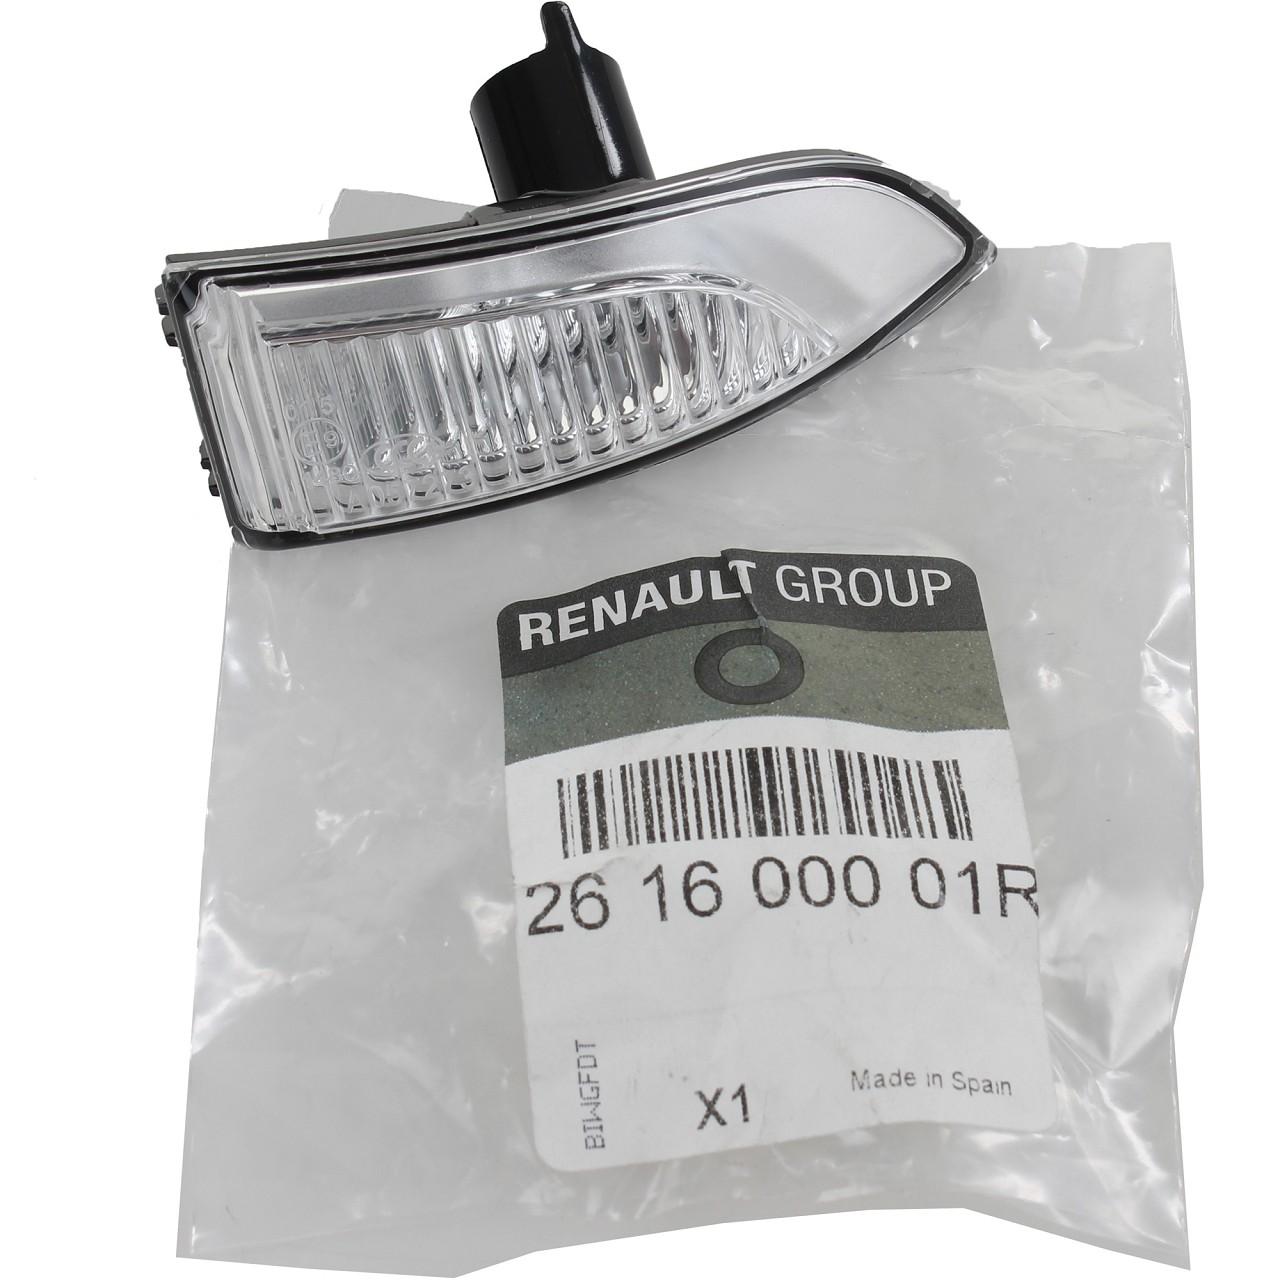 ORIGINAL Renault Lichtscheibe Außenspiegel Blinker Laguna III rechts 261600001R